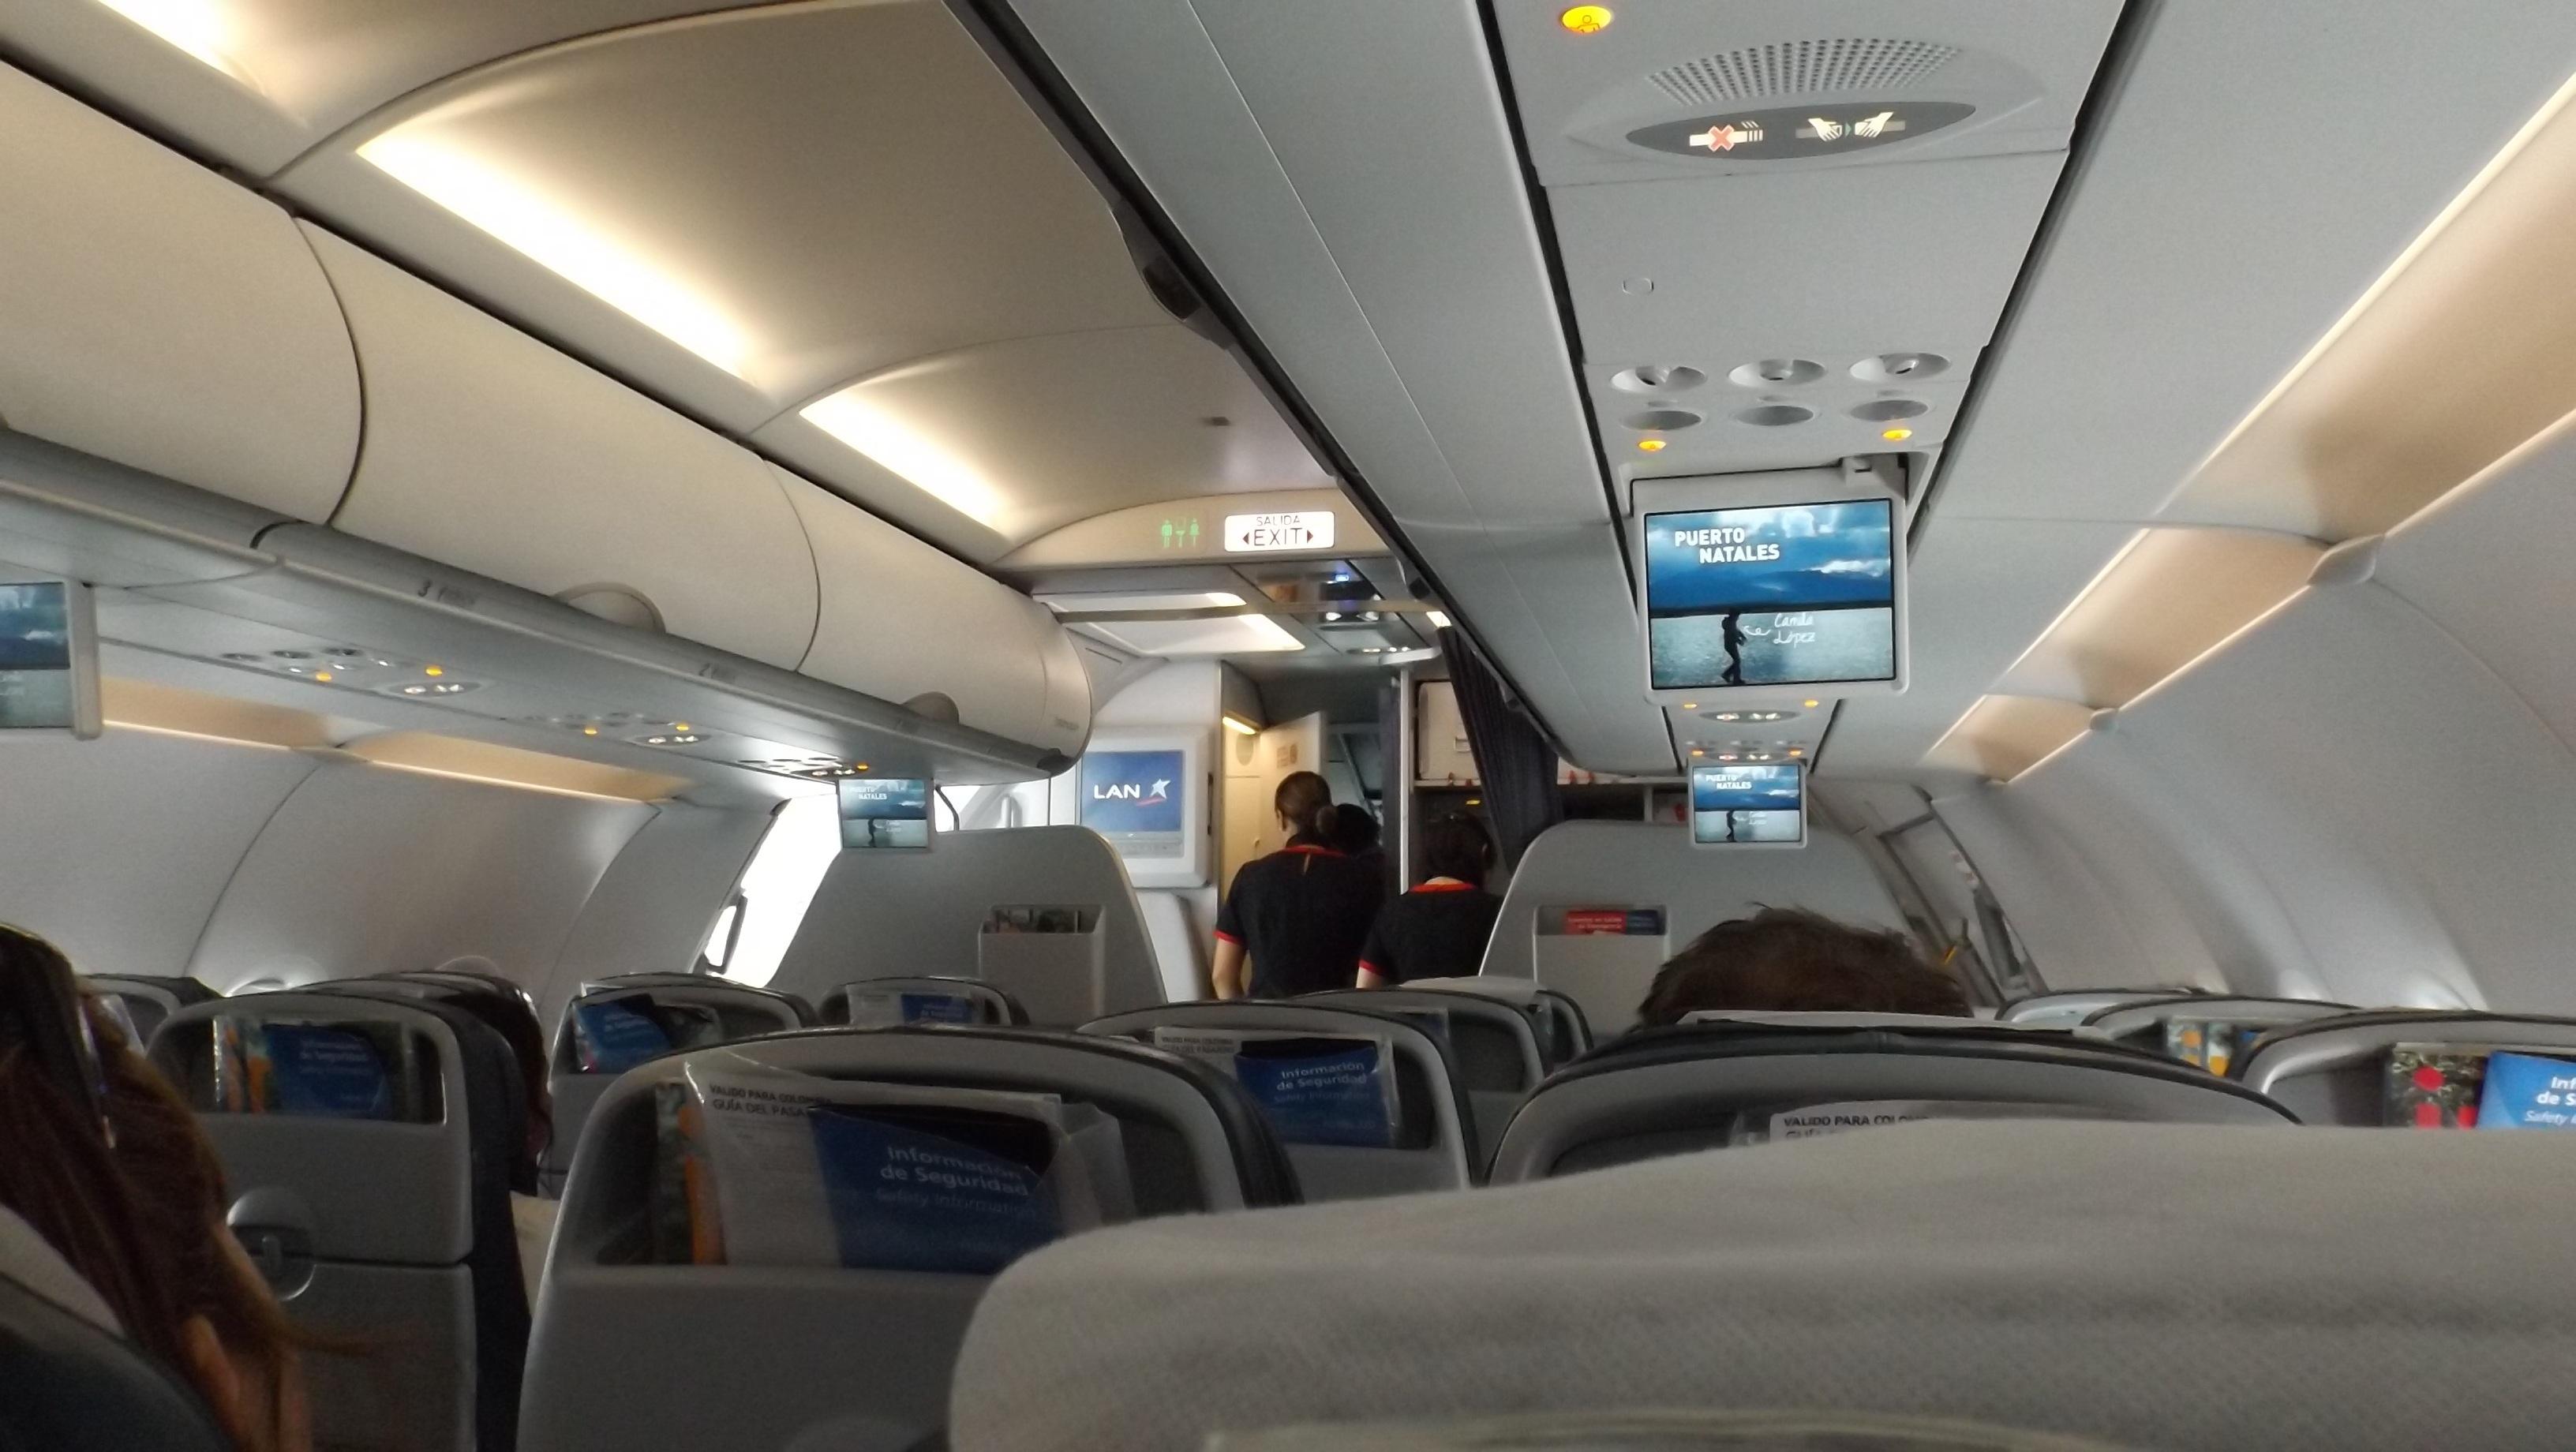 Escolher-o-melhor-lugar-no-avião Escolher o melhor lugar no avião (sites e 10 dicas)